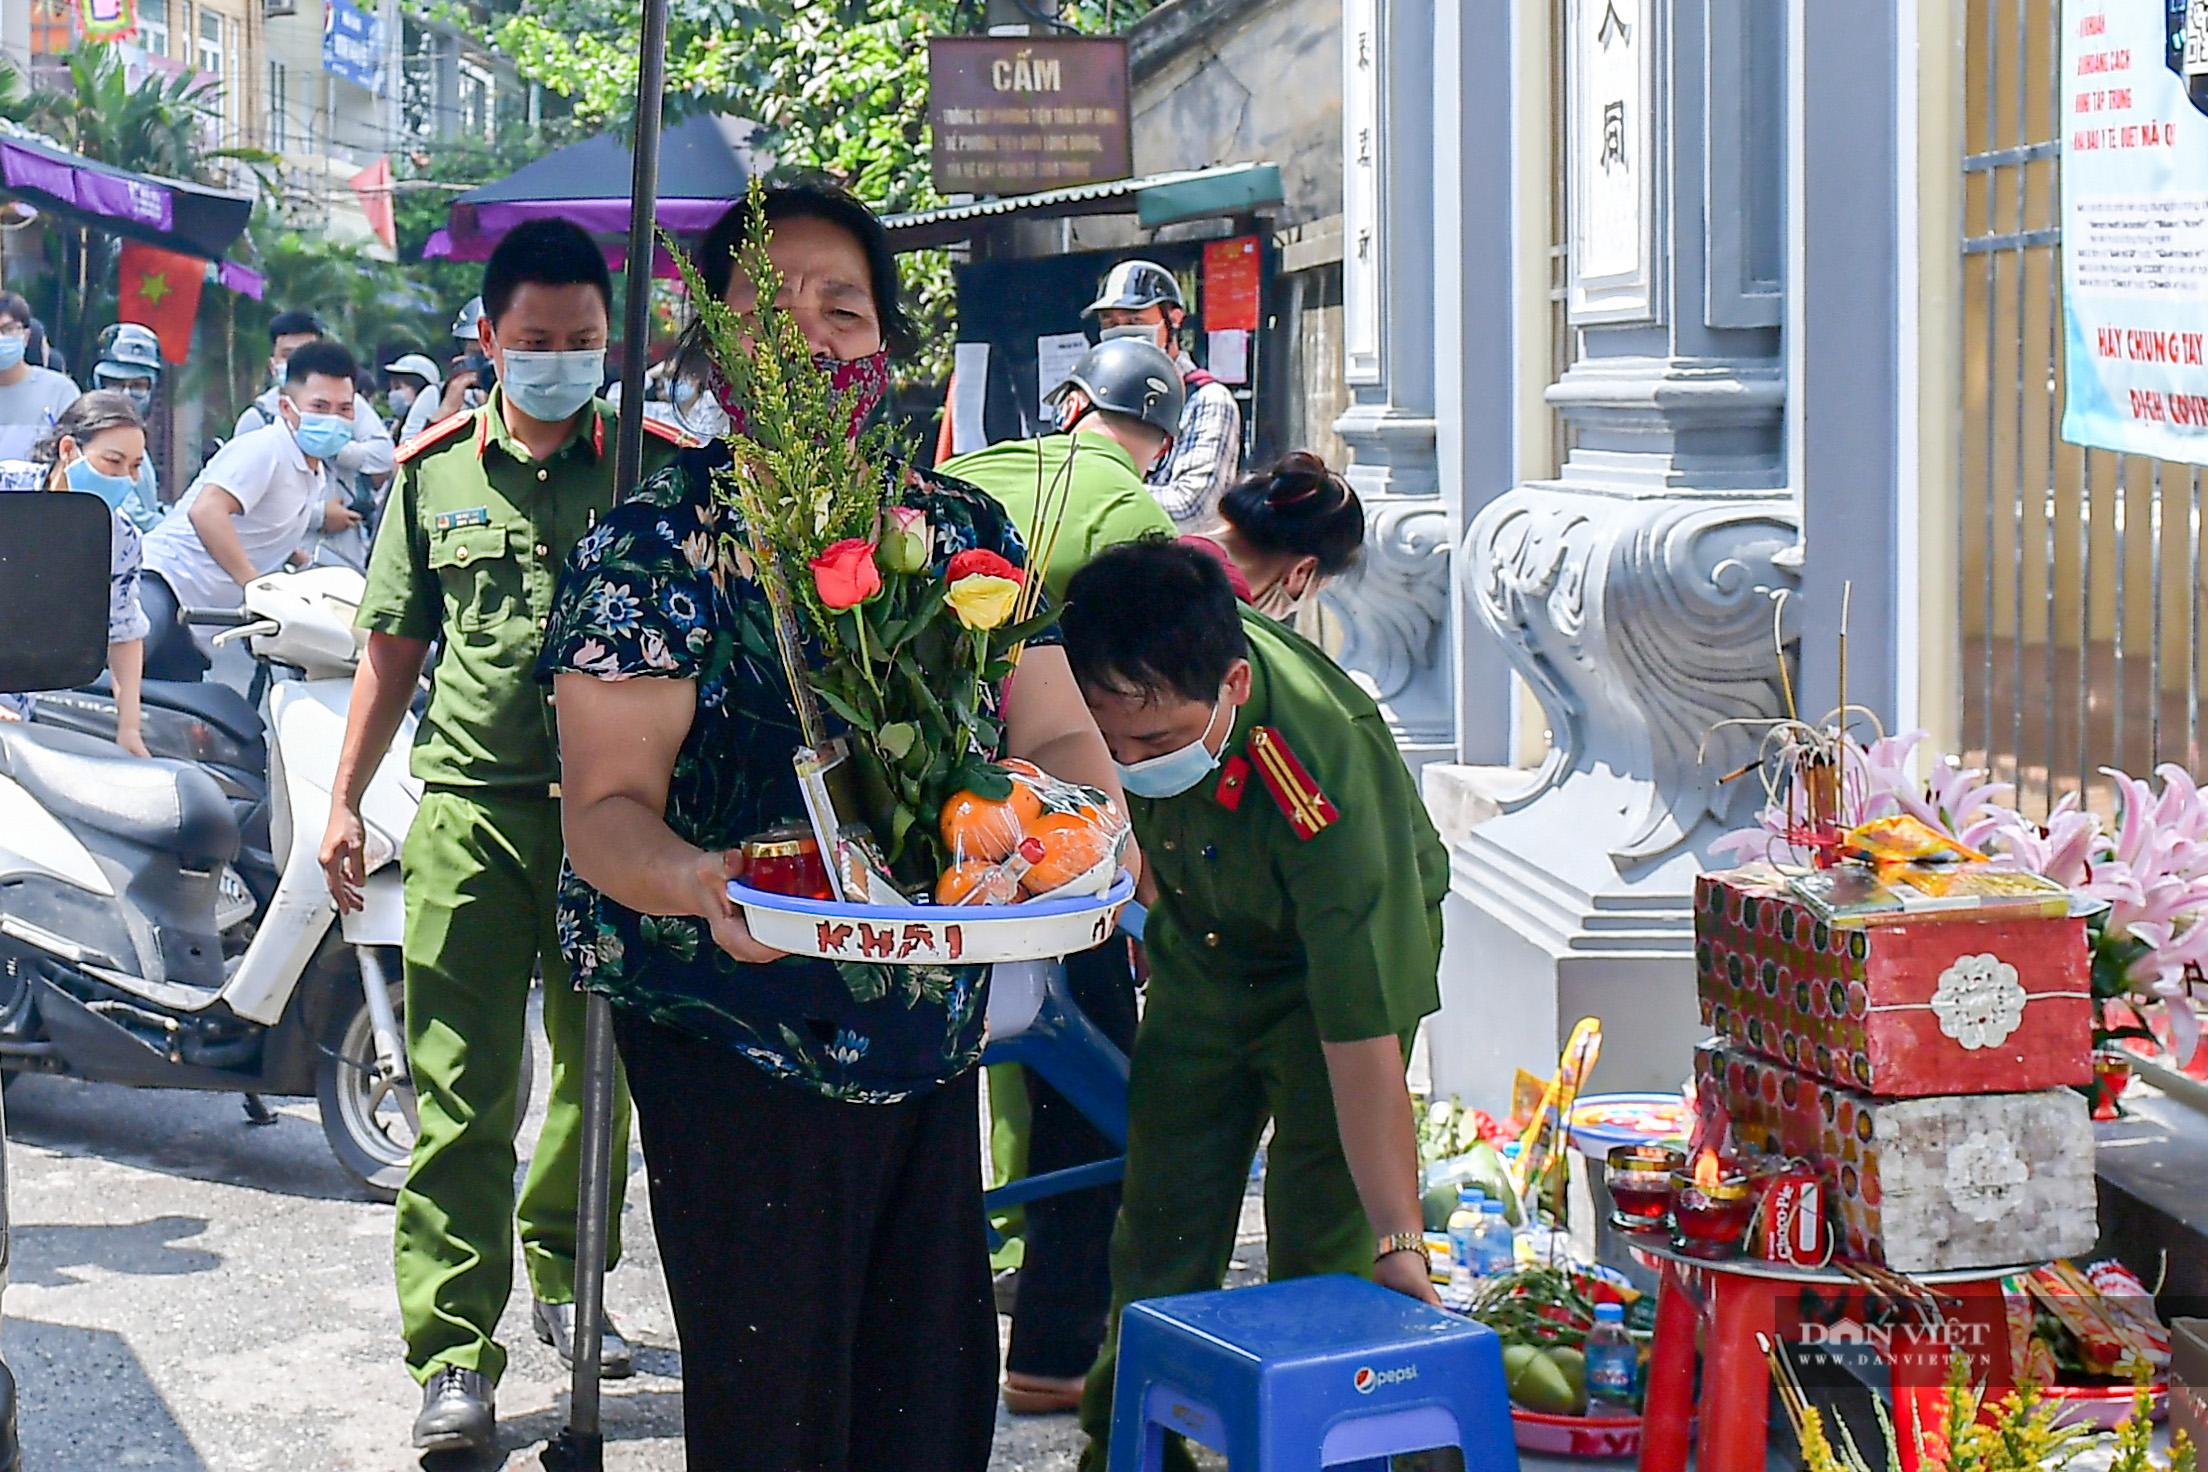 Hà Nội: Công an giải tán người dân đến phủ Tây Hồ vái vọng ngày mùng 1 âm lịch - Ảnh 10.